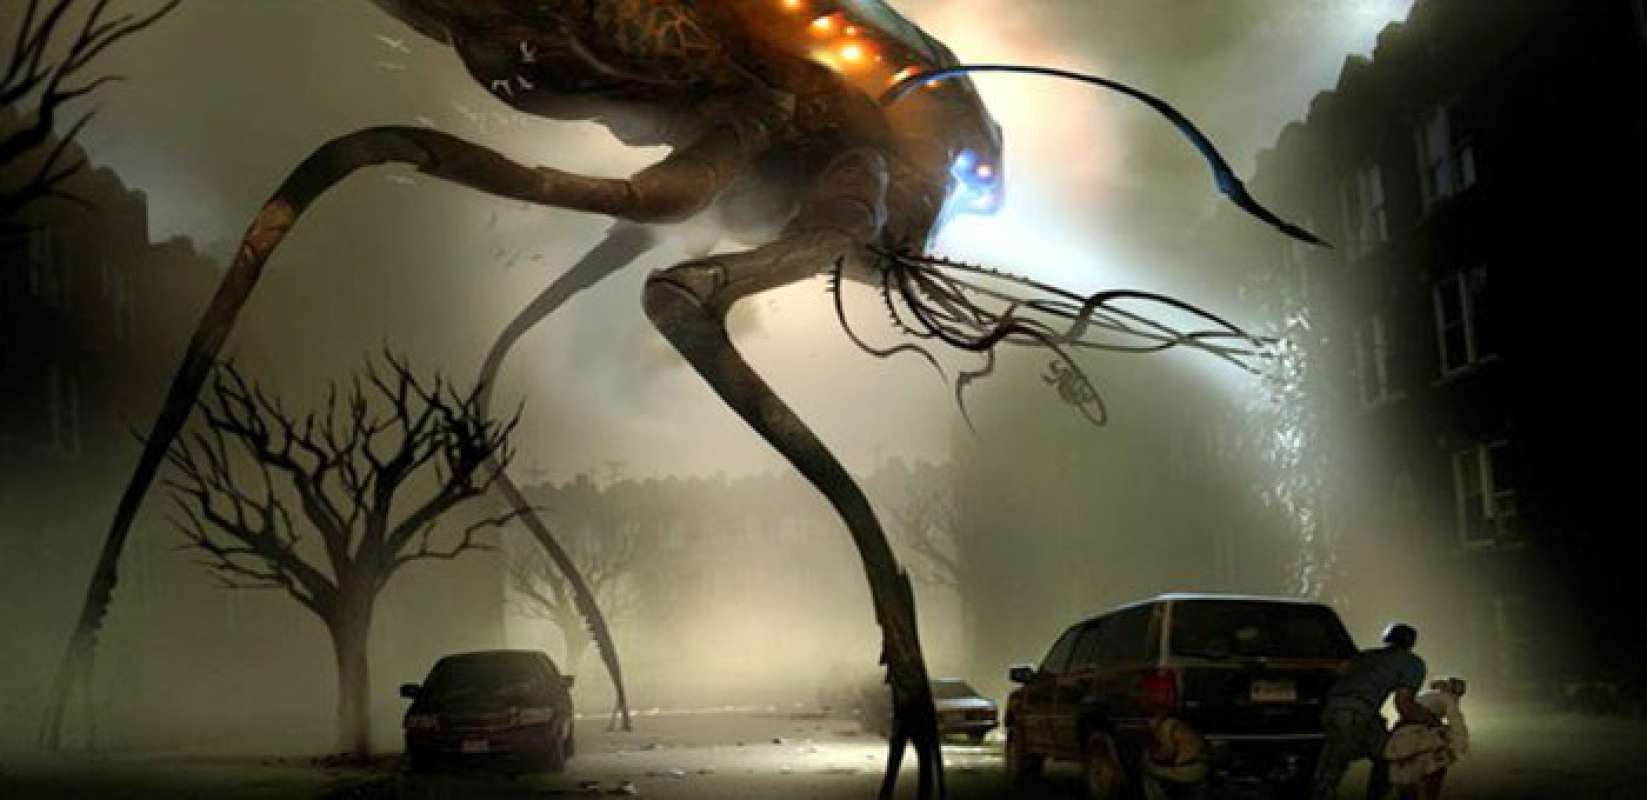 Эксперт рассказал, что нужно предпринять при нападении пришельцев на Землю